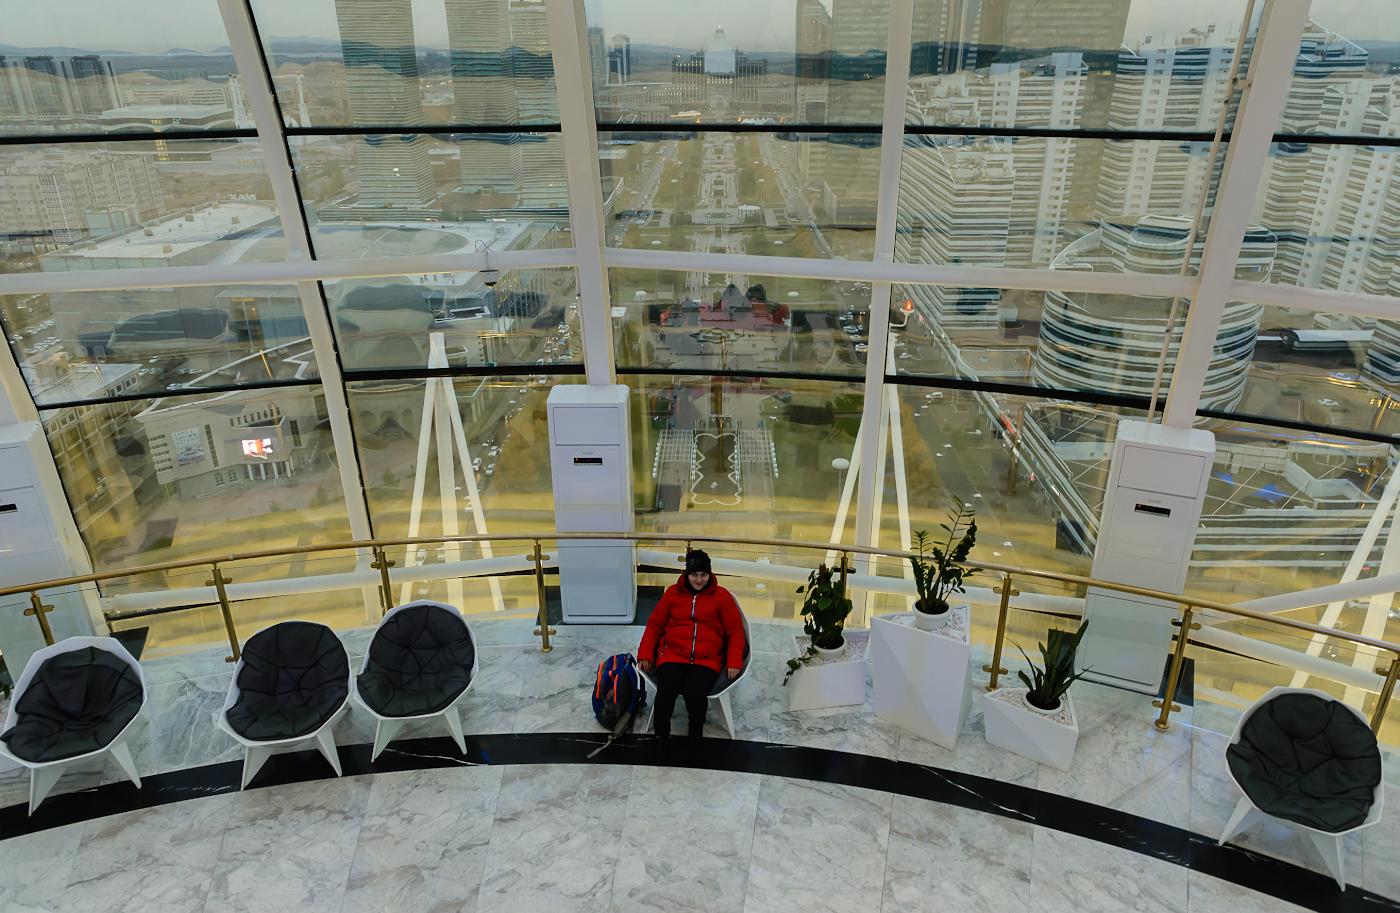 Фото 1. Как наш главред побывал в Астане, столице Казахстана. Снято на Nikon D610 + Nikon 24-70mm f/2.8G без вспышки. Параметры съемки: В=1/50, +0.33EV, f/4.5, ISO 1800, ФР=24 мм.